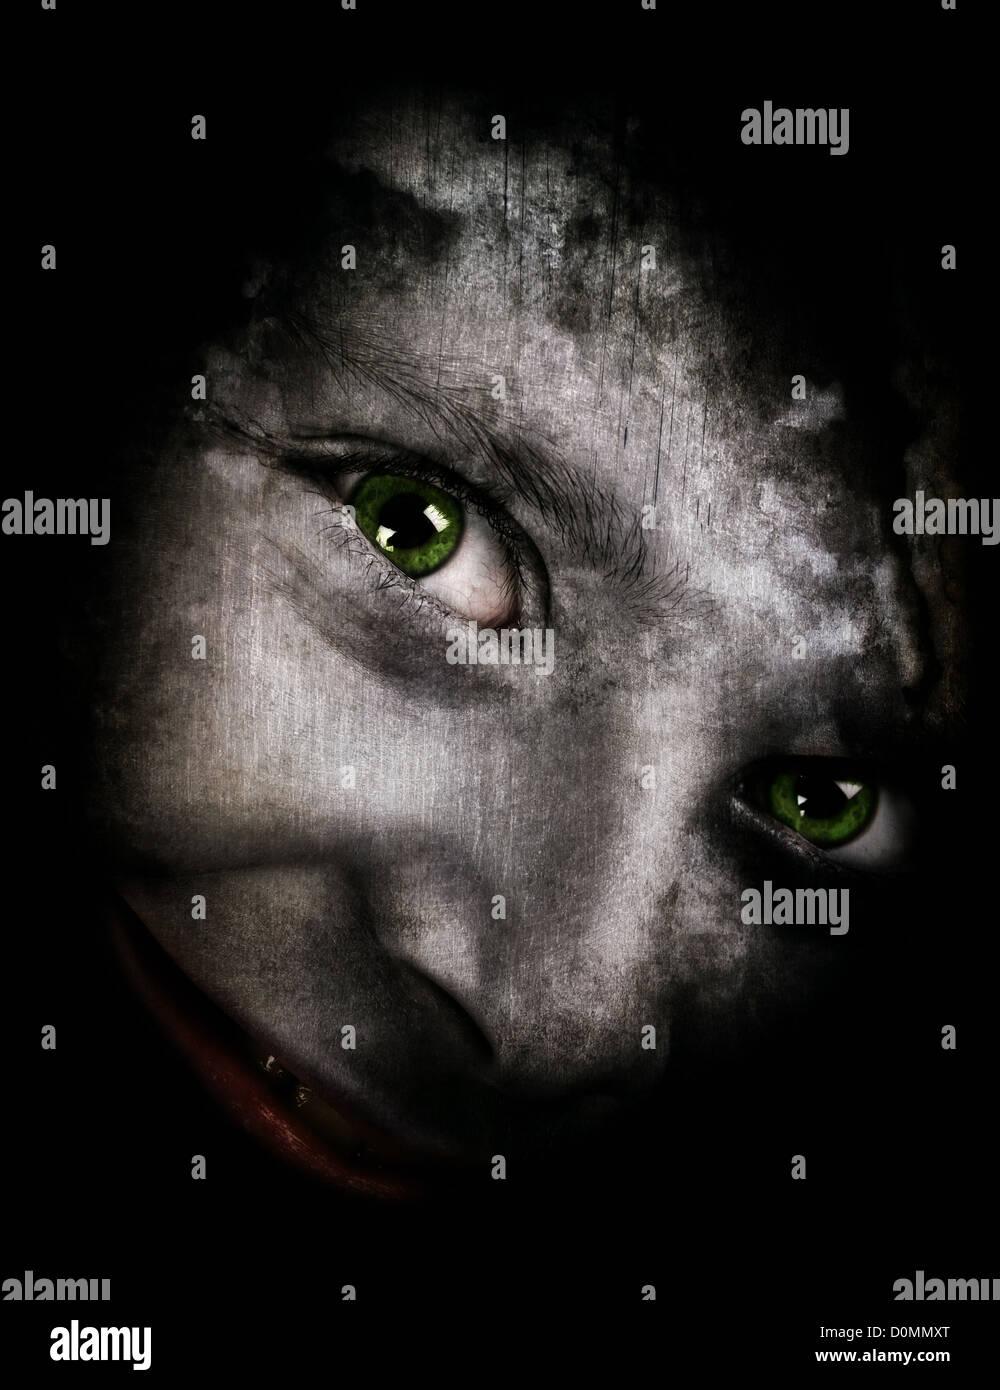 Halloween-Thema mit einem gruseligen Monster Blick in die Kamera Stockbild